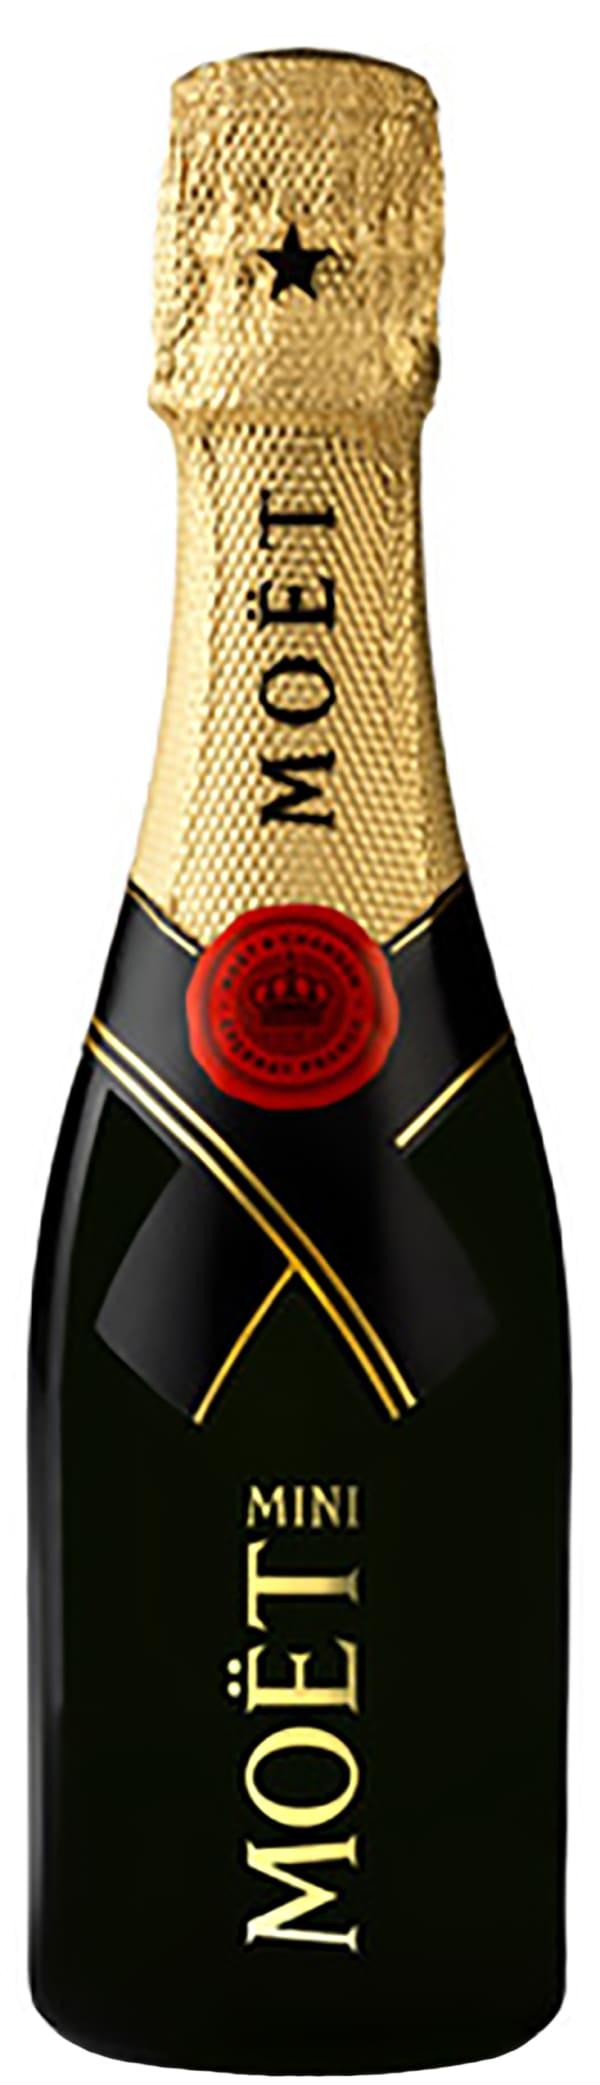 Moët & Chandon Impérial Mini Champagne Brut